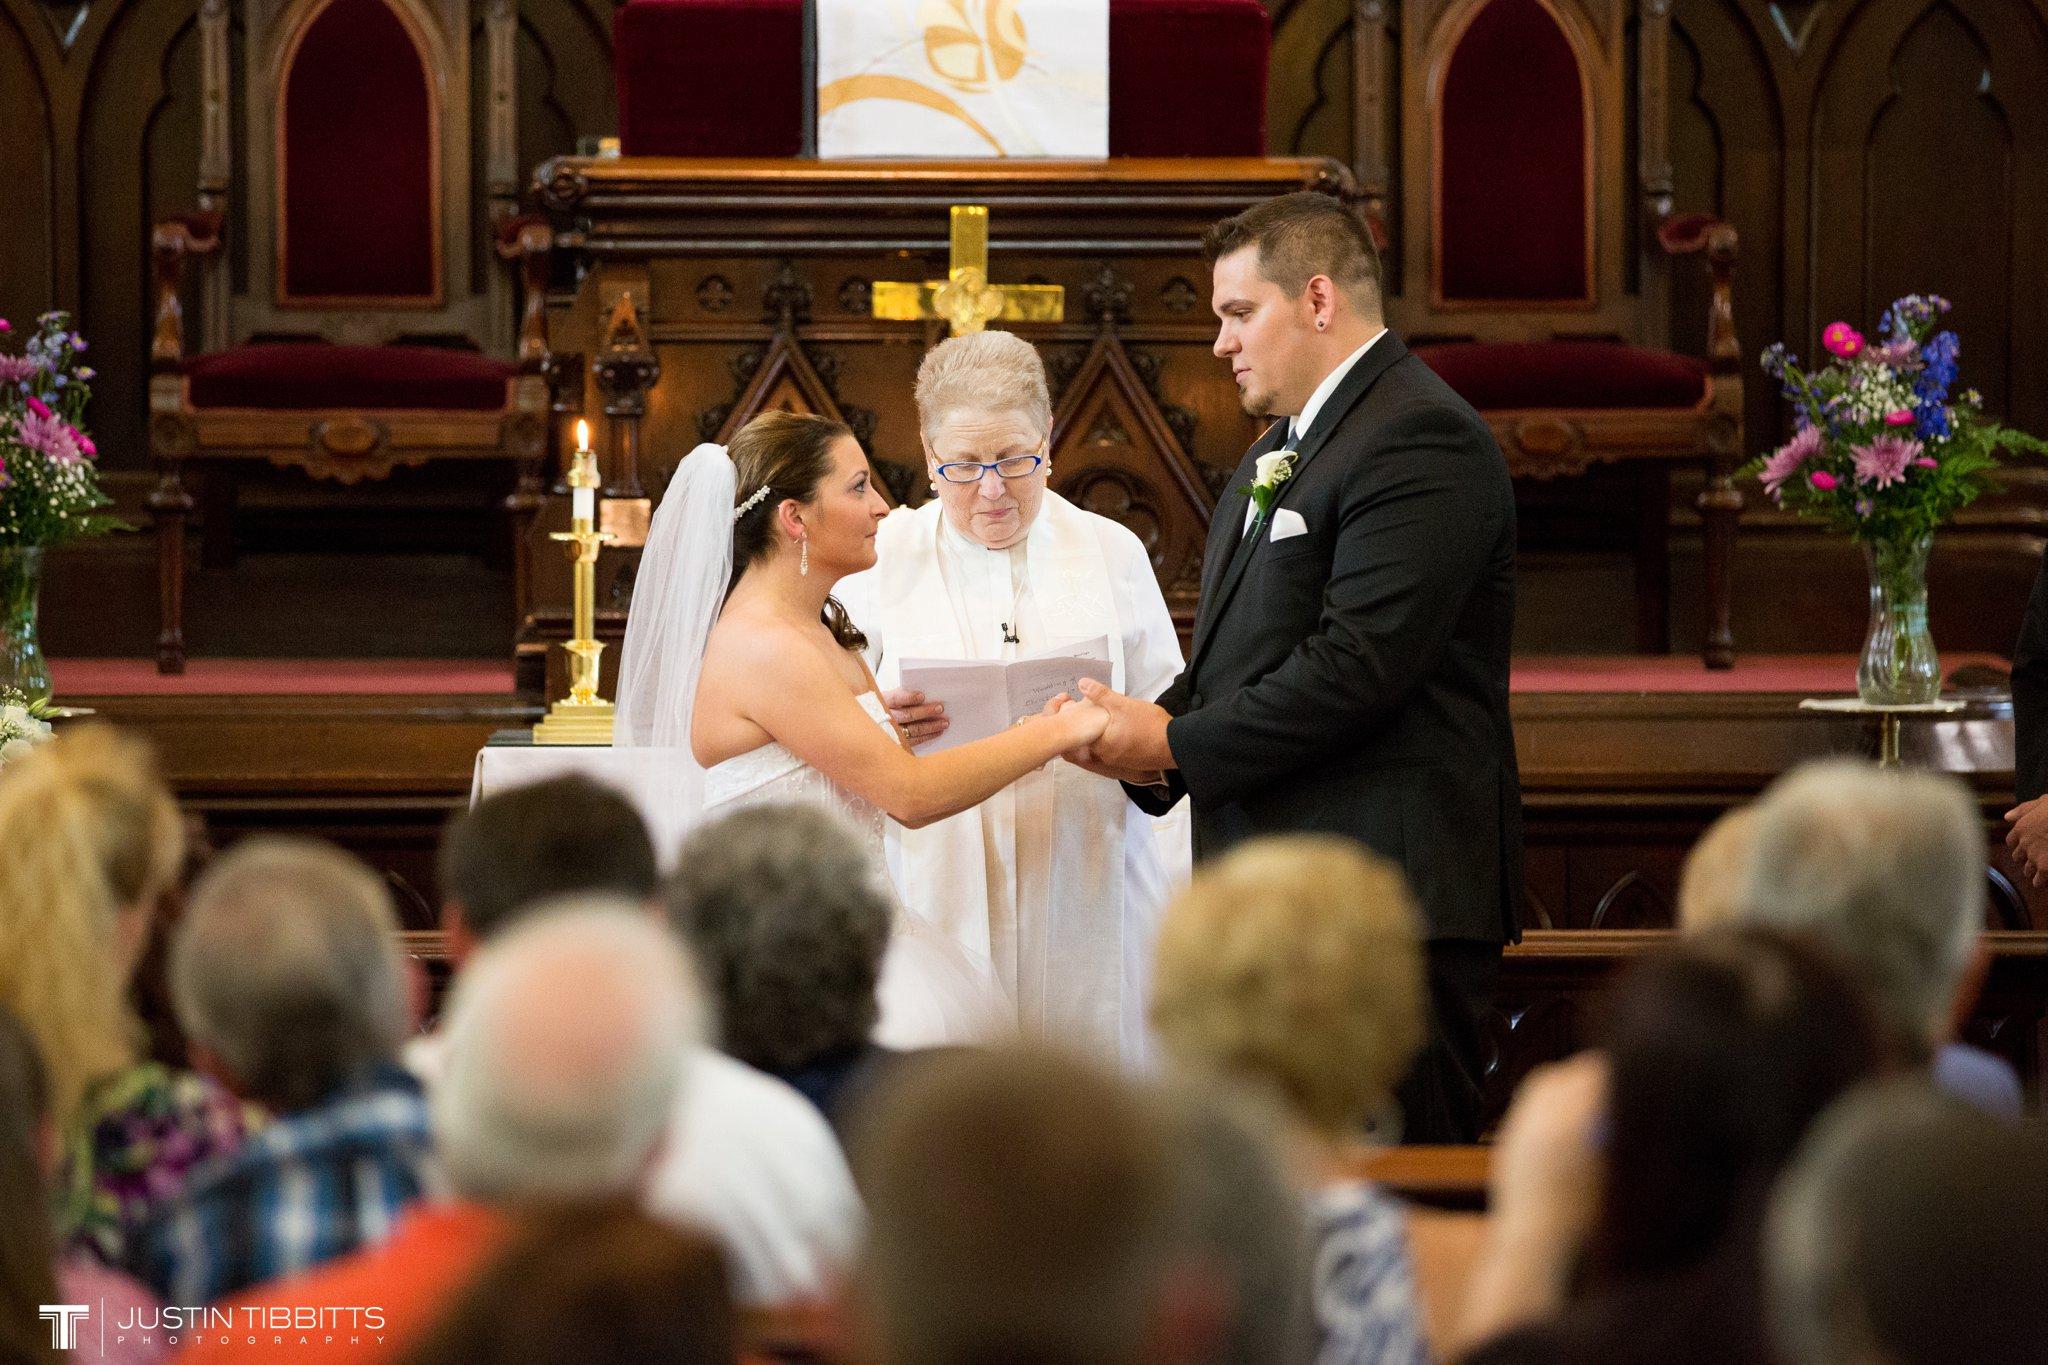 Albany NY Wedding Photographer Justin Tibbitts Photography 2014 Best of Albany NY Weddings-44110762